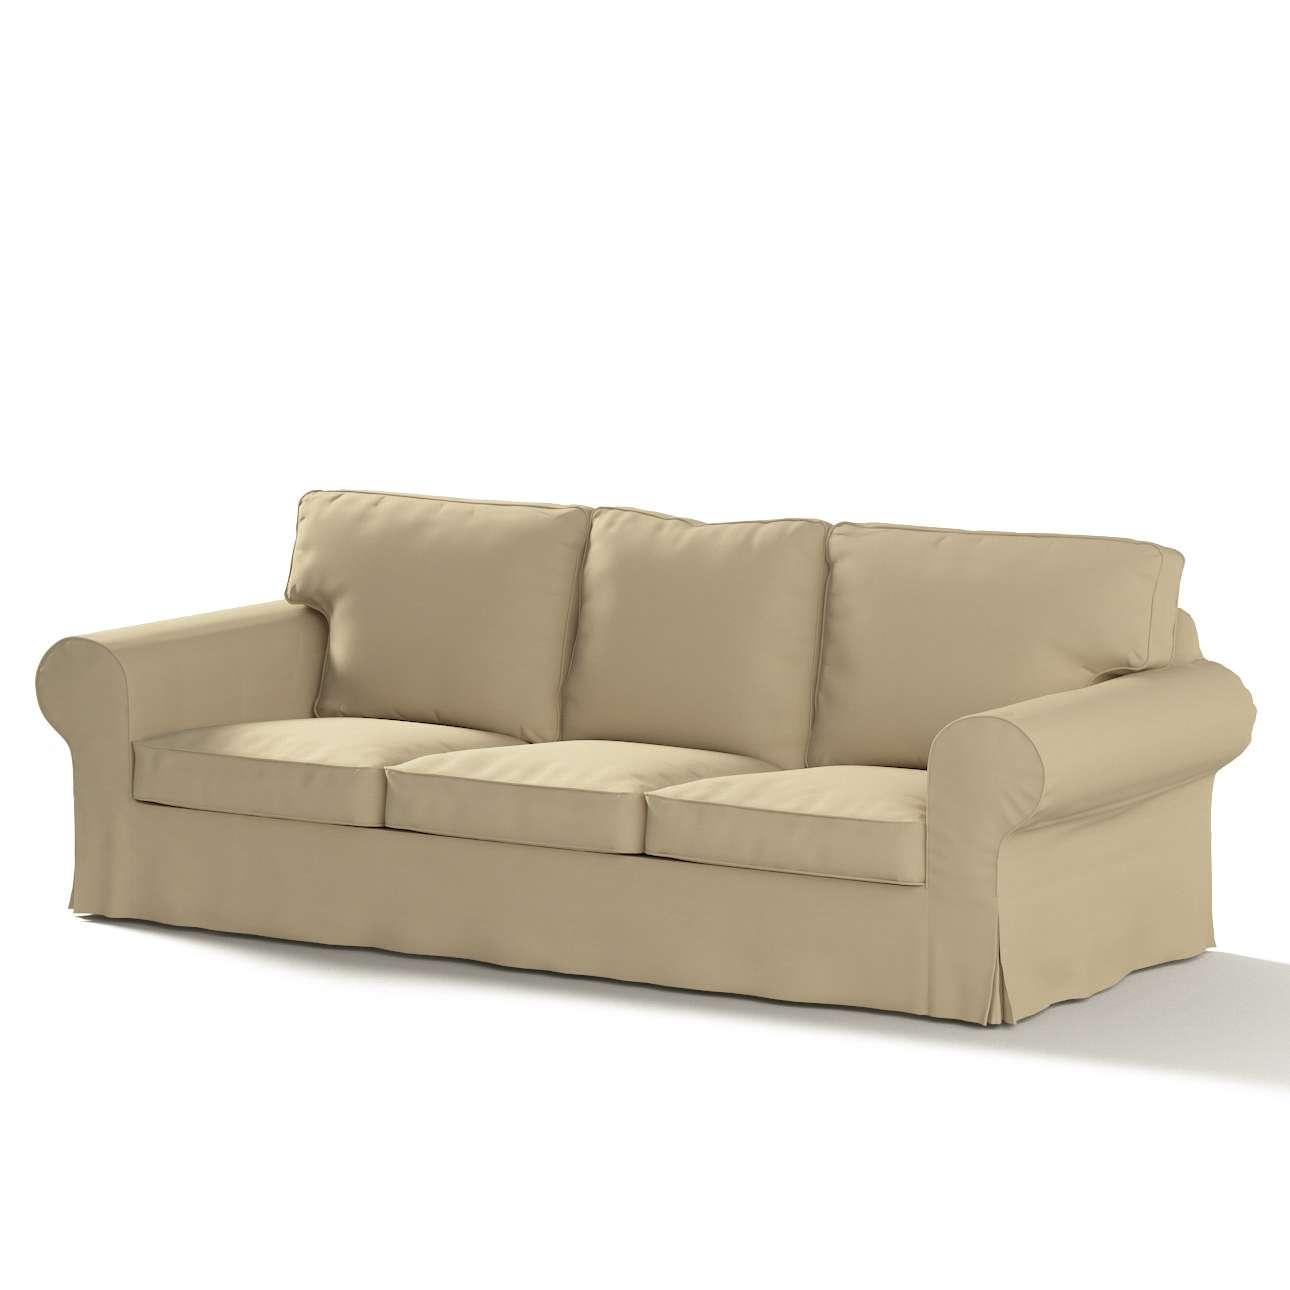 Pokrowiec na sofę Ektorp 3-osobową, rozkładaną w kolekcji Cotton Panama, tkanina: 702-01